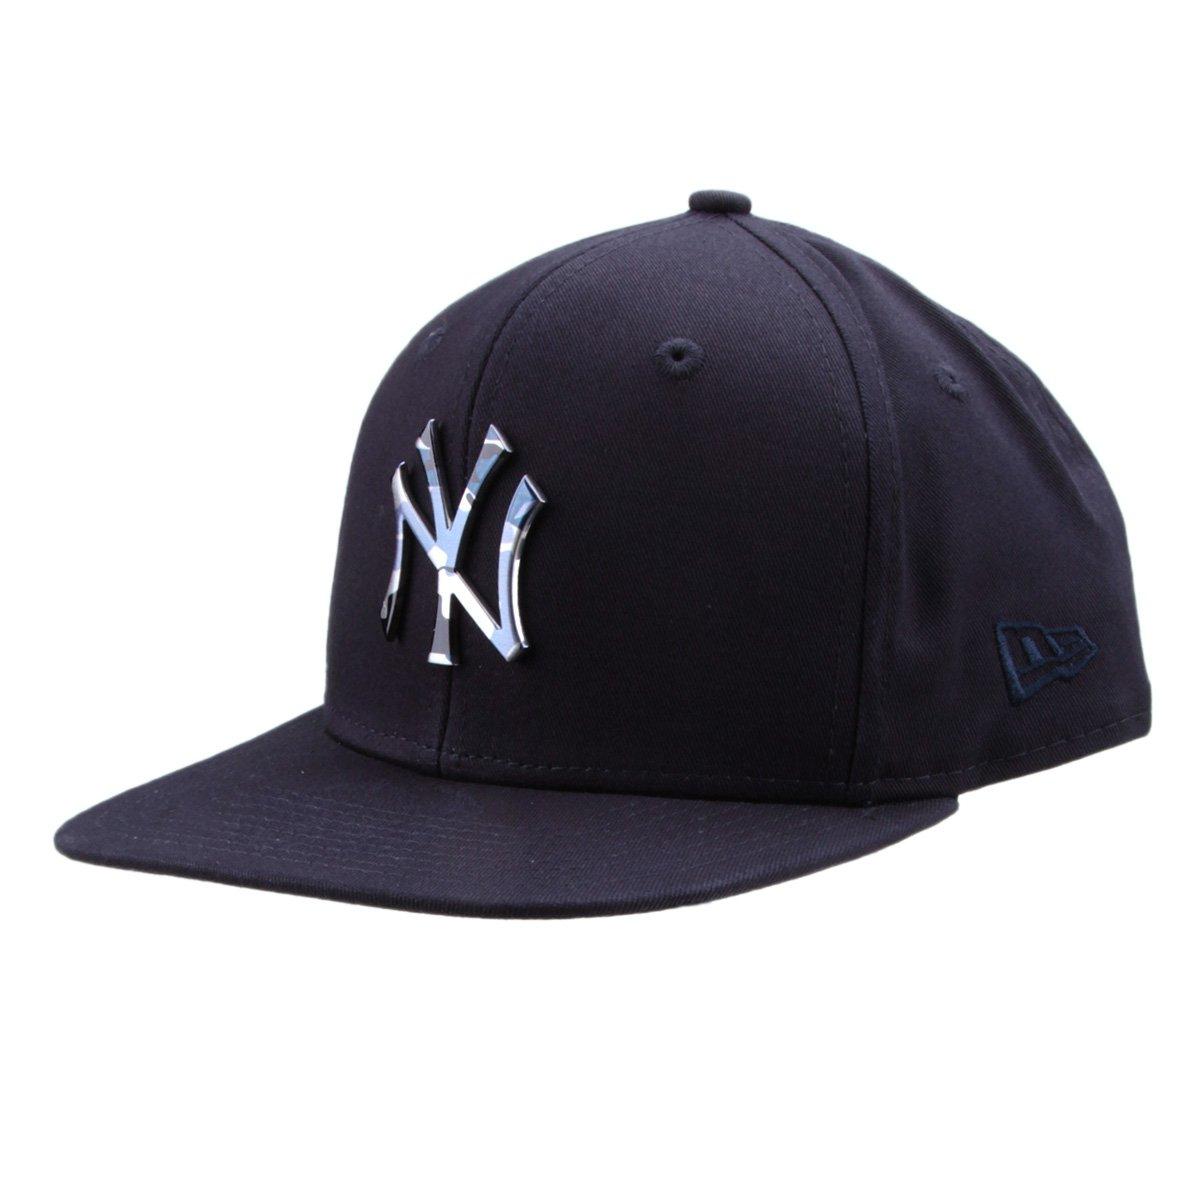 Boné New Era MLB New York Yankees Aba Reta 950 Of Sn Lic981 Su ... f9156ba4017